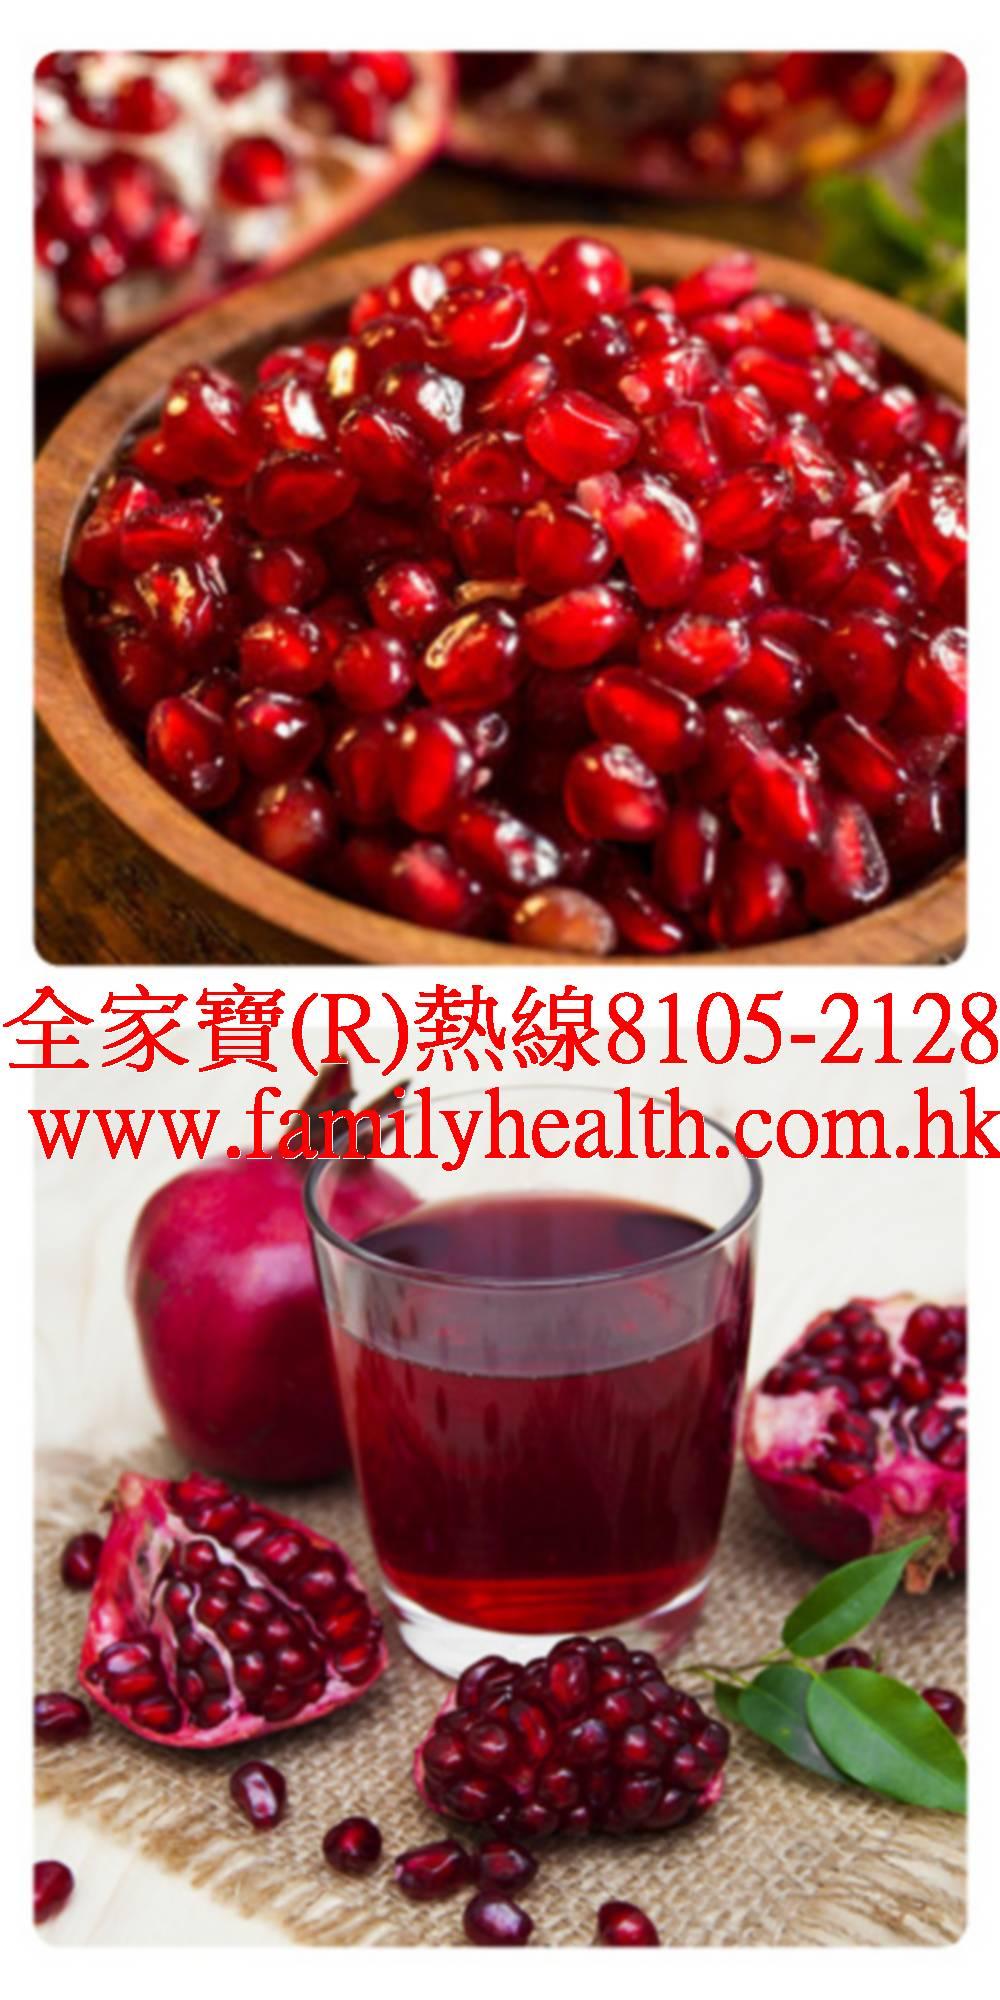 http://www.familyhealth.com.hk/files/full/949_3.jpg